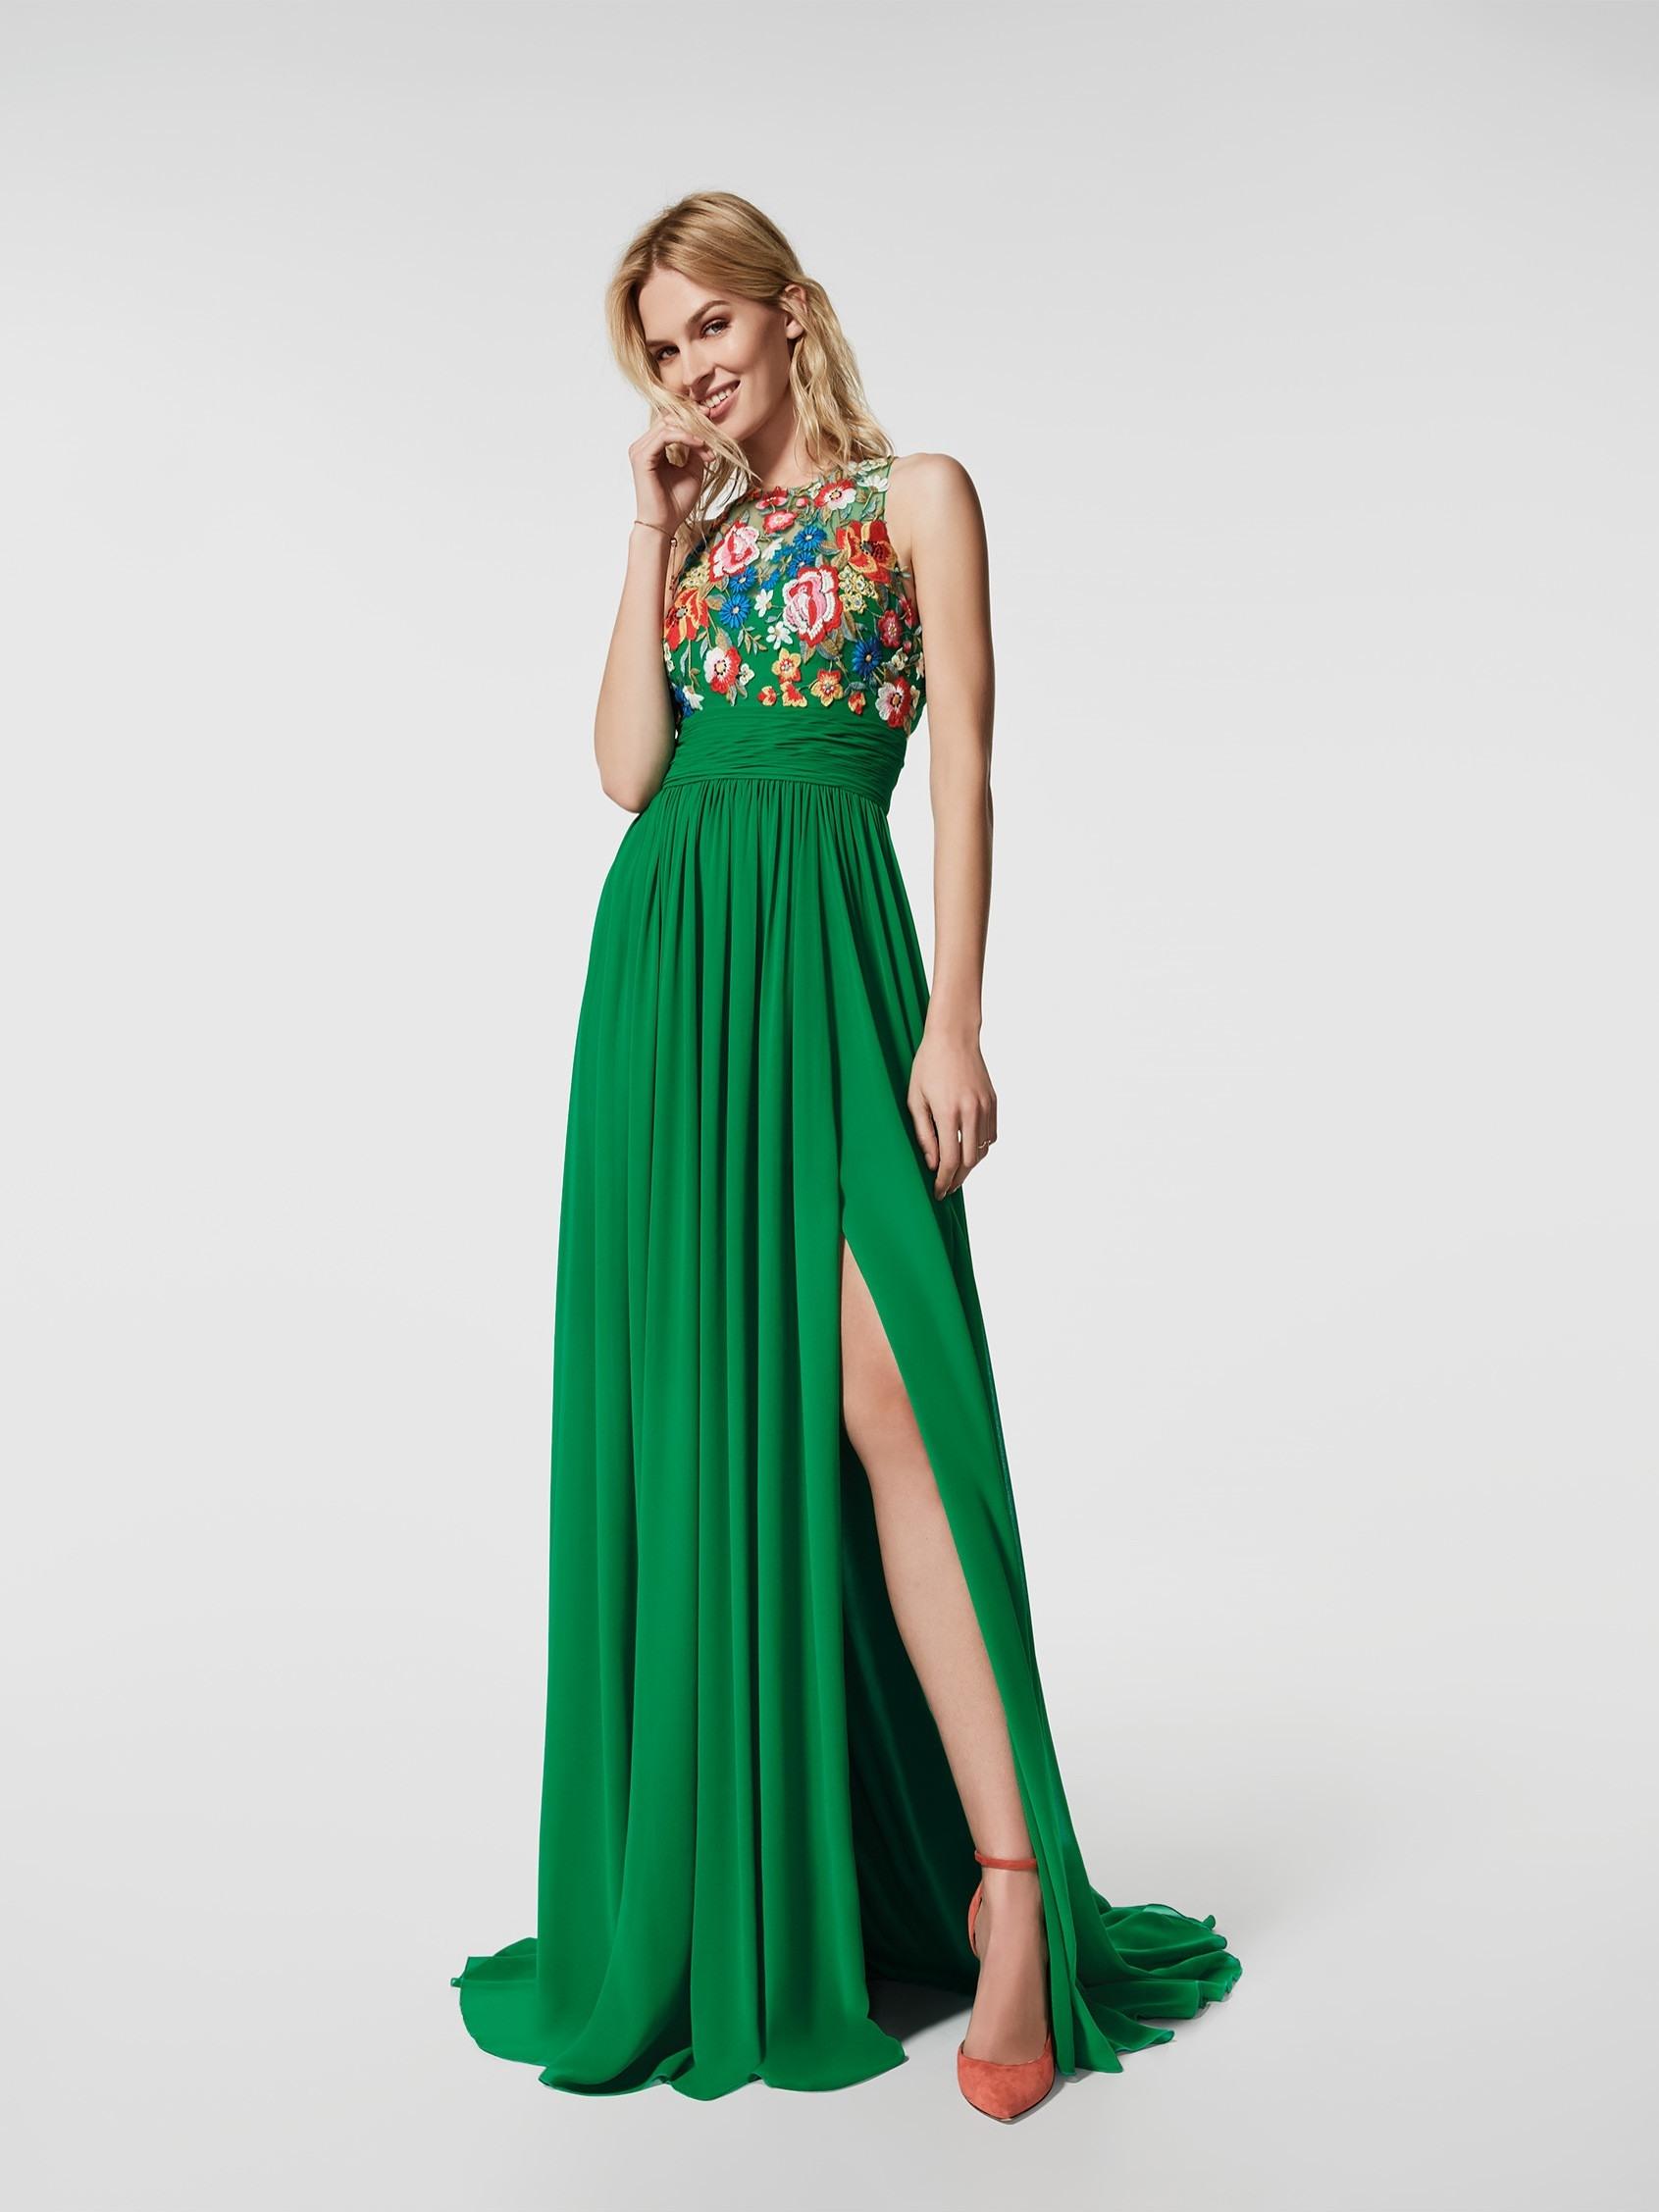 Abend Ausgezeichnet Abendkleid Grün Bester Preis15 Leicht Abendkleid Grün für 2019